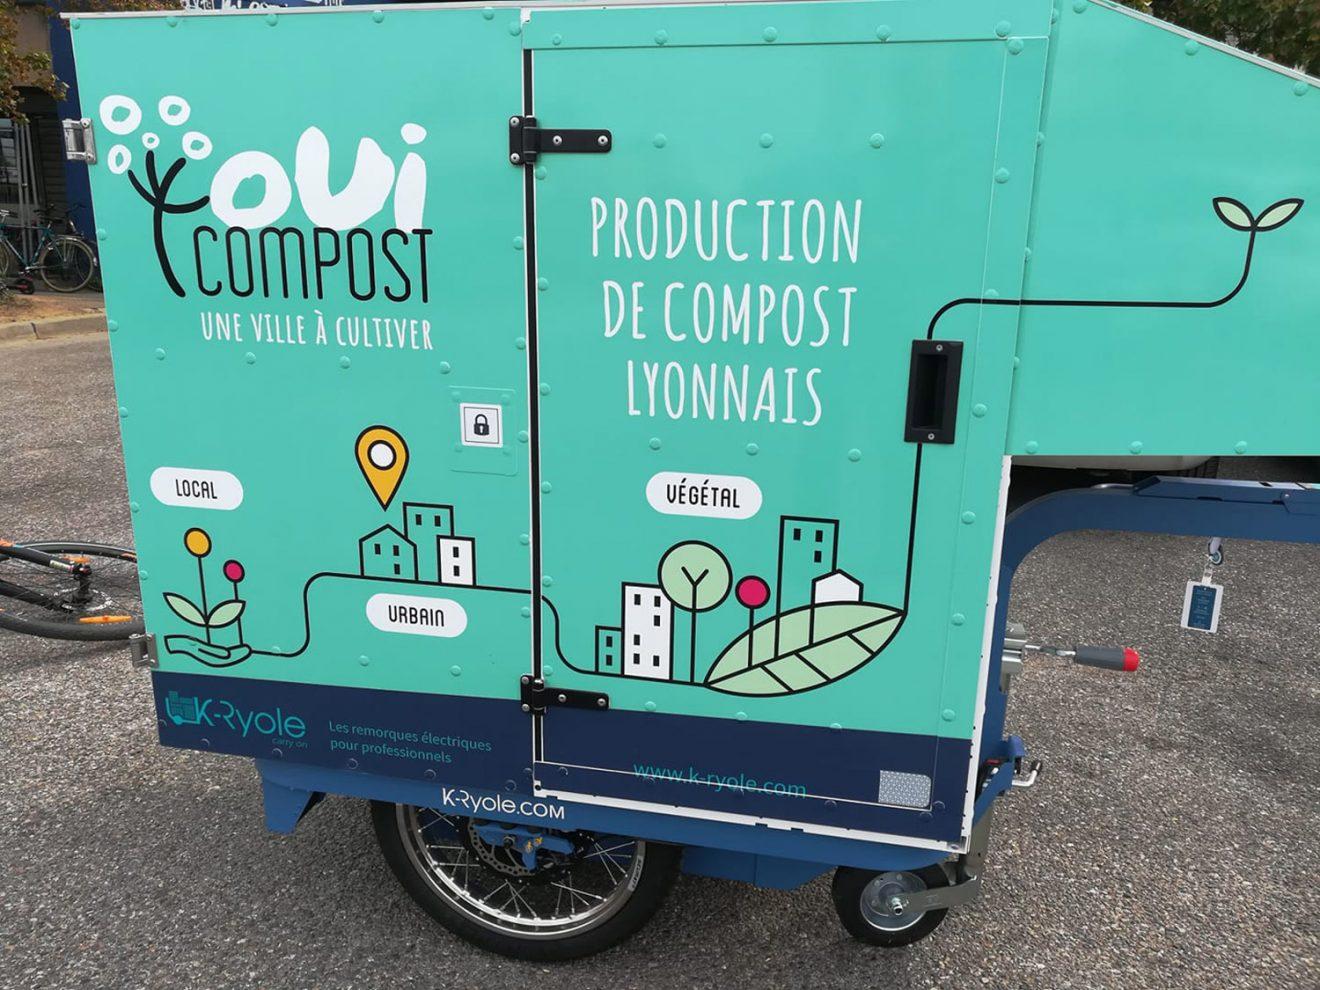 Oui Compost collecte àvelo des biodechets avant compostage UpCycle